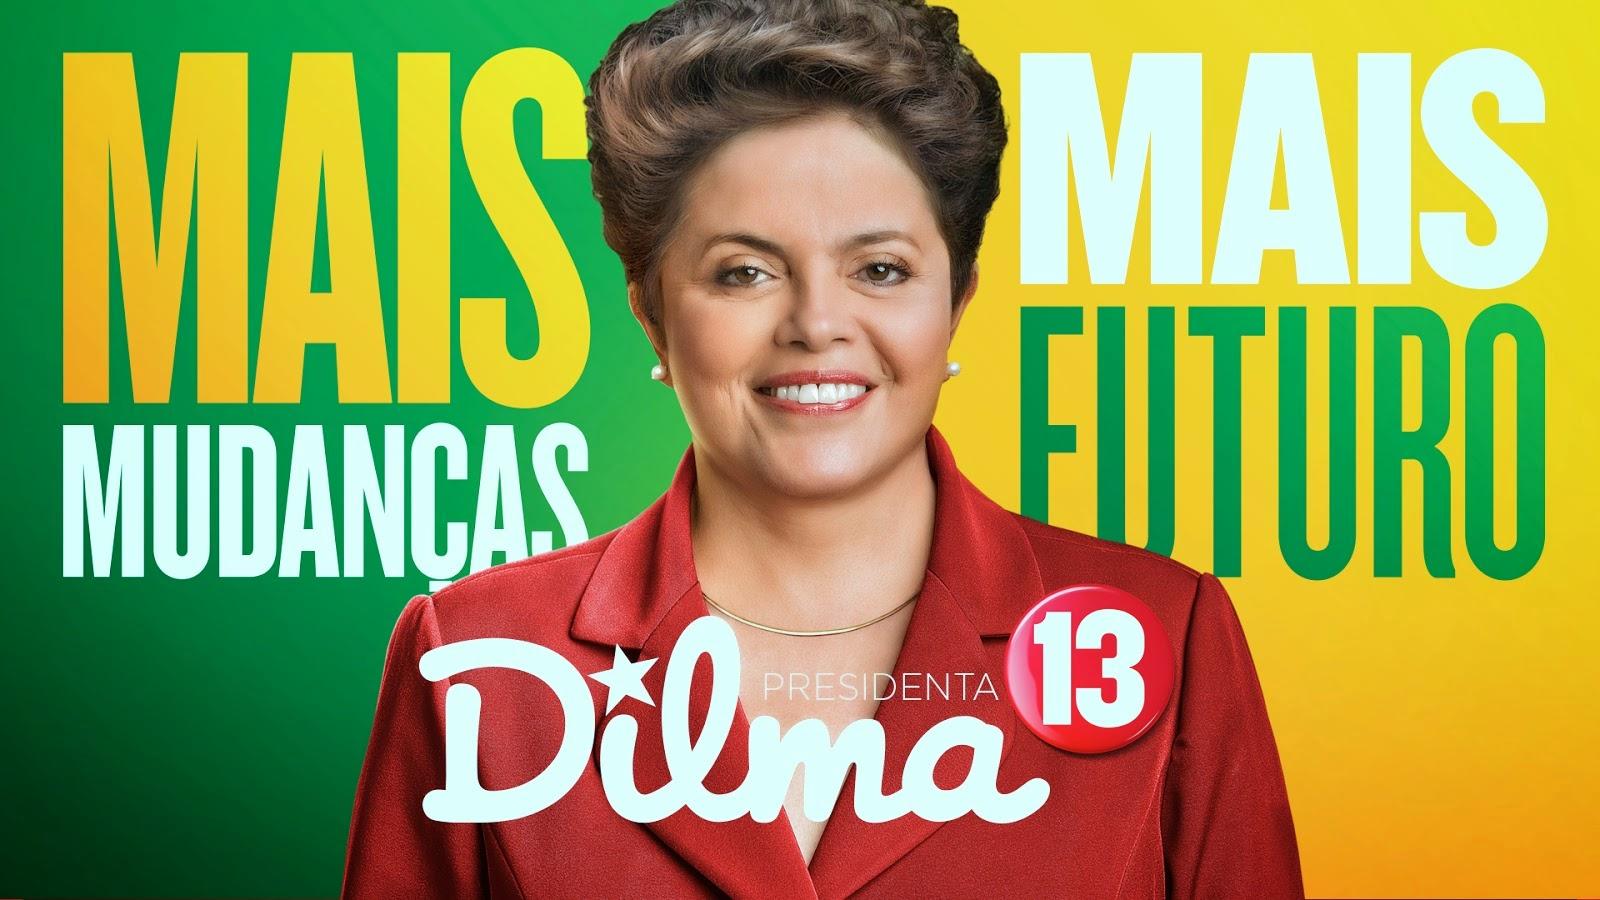 Este Blog apoia Dilma para apronfundarmos as Mundanças para um Brasil Melhor